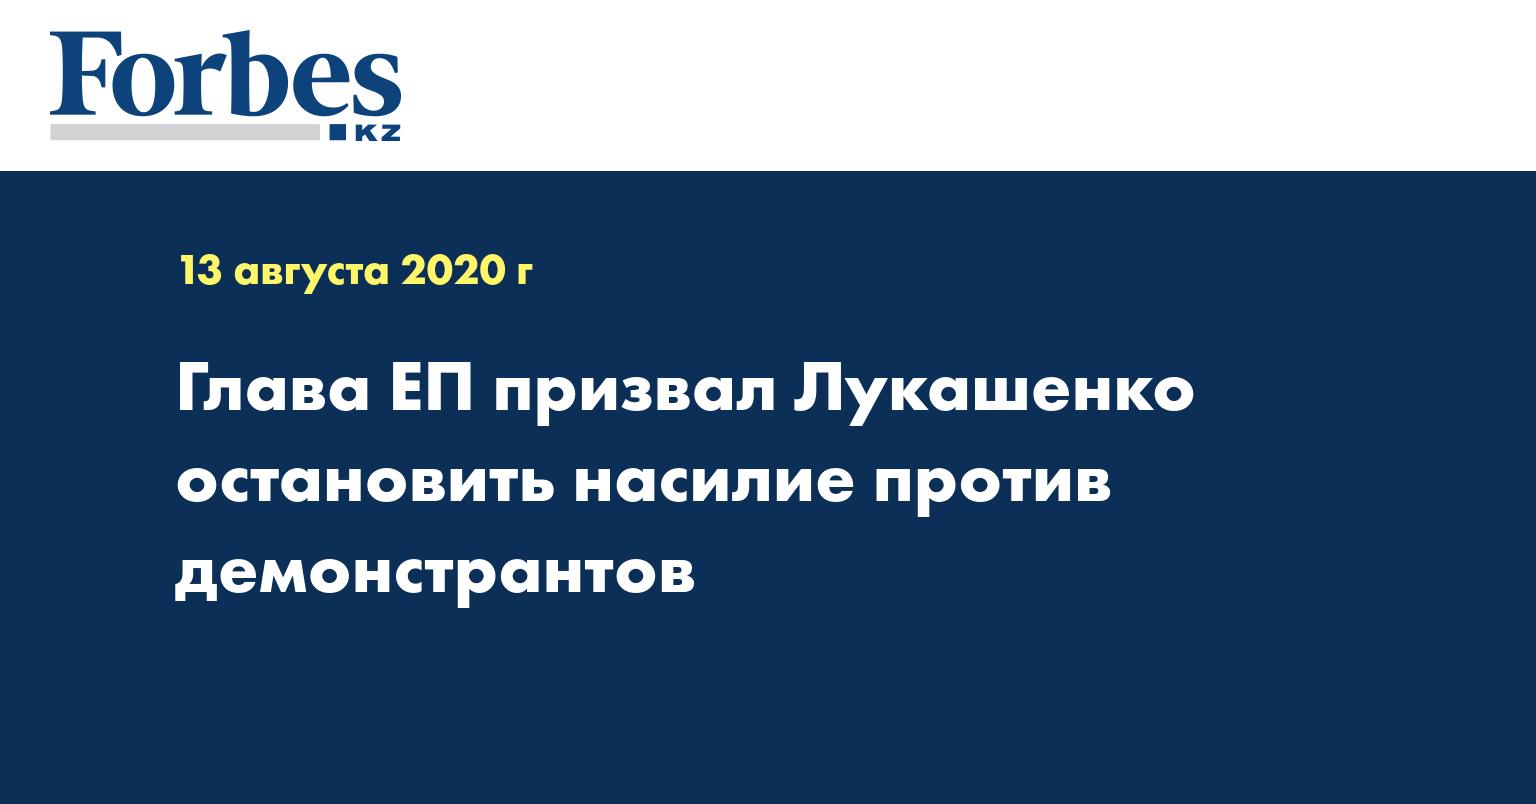 Глава ЕП призвал Лукашенко остановить насилие против демонстрантов